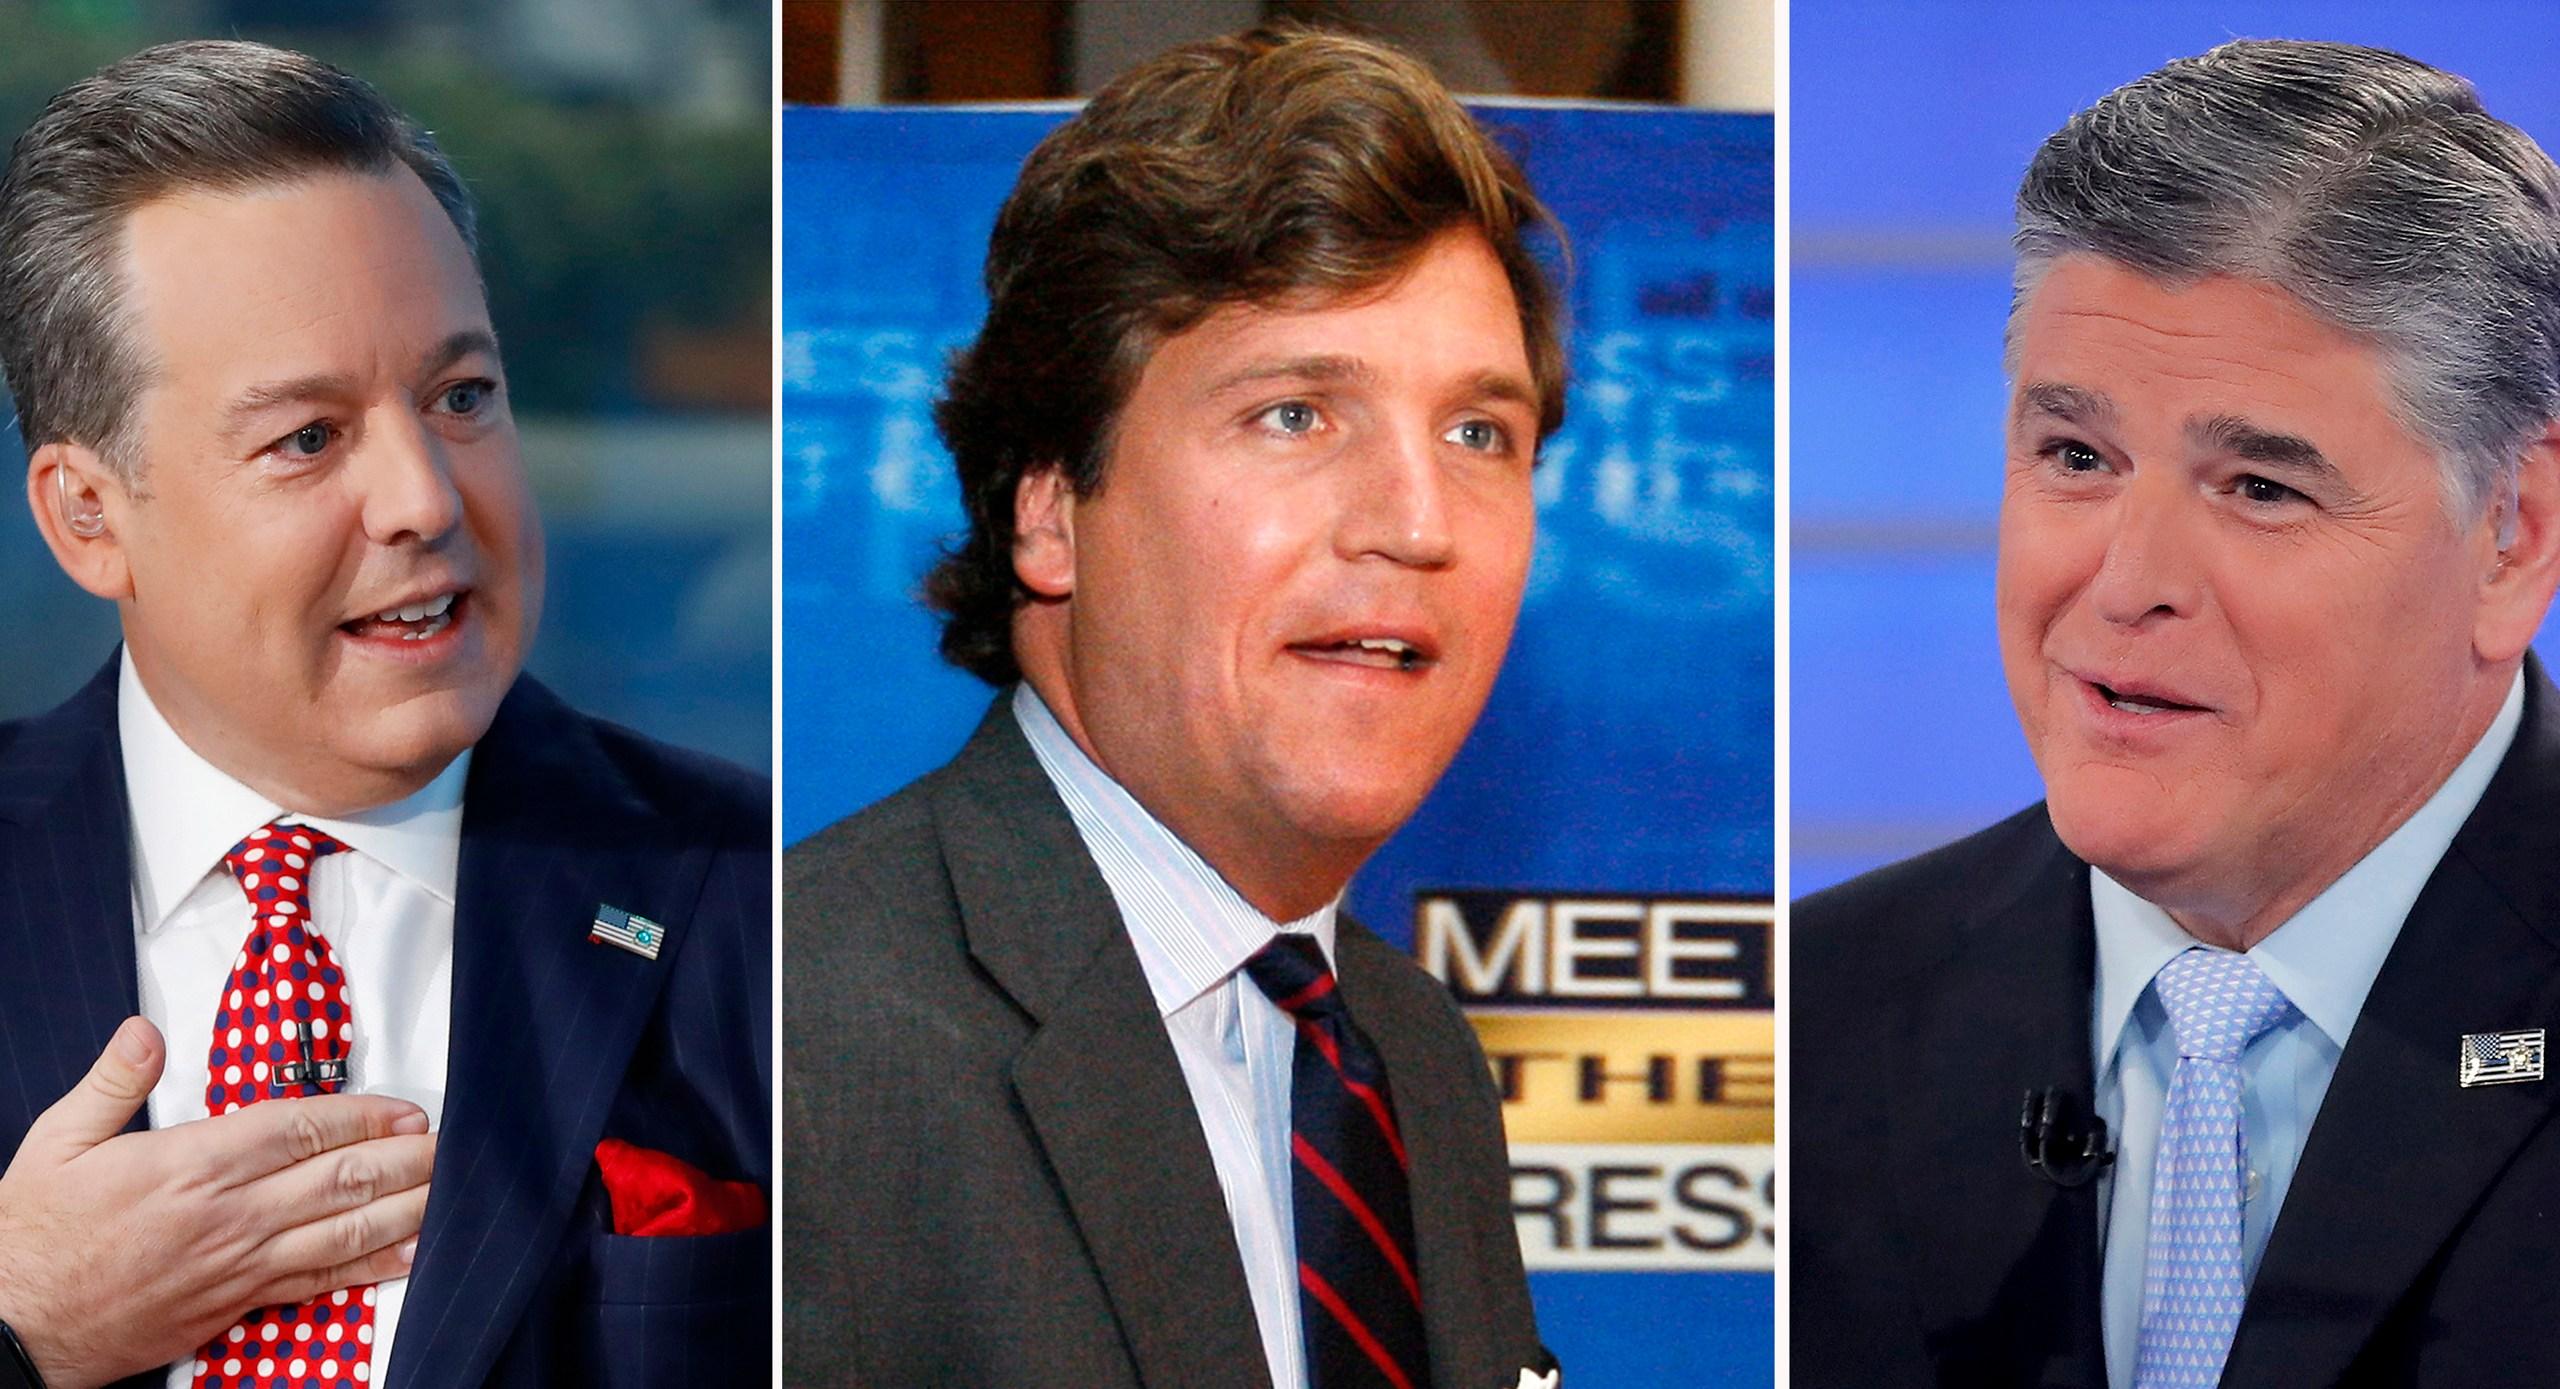 Ed Henry, Steve Doocy, Ainsley Earhardt, Brian Kilmeade, Tucker Carlson, Sean Hannity